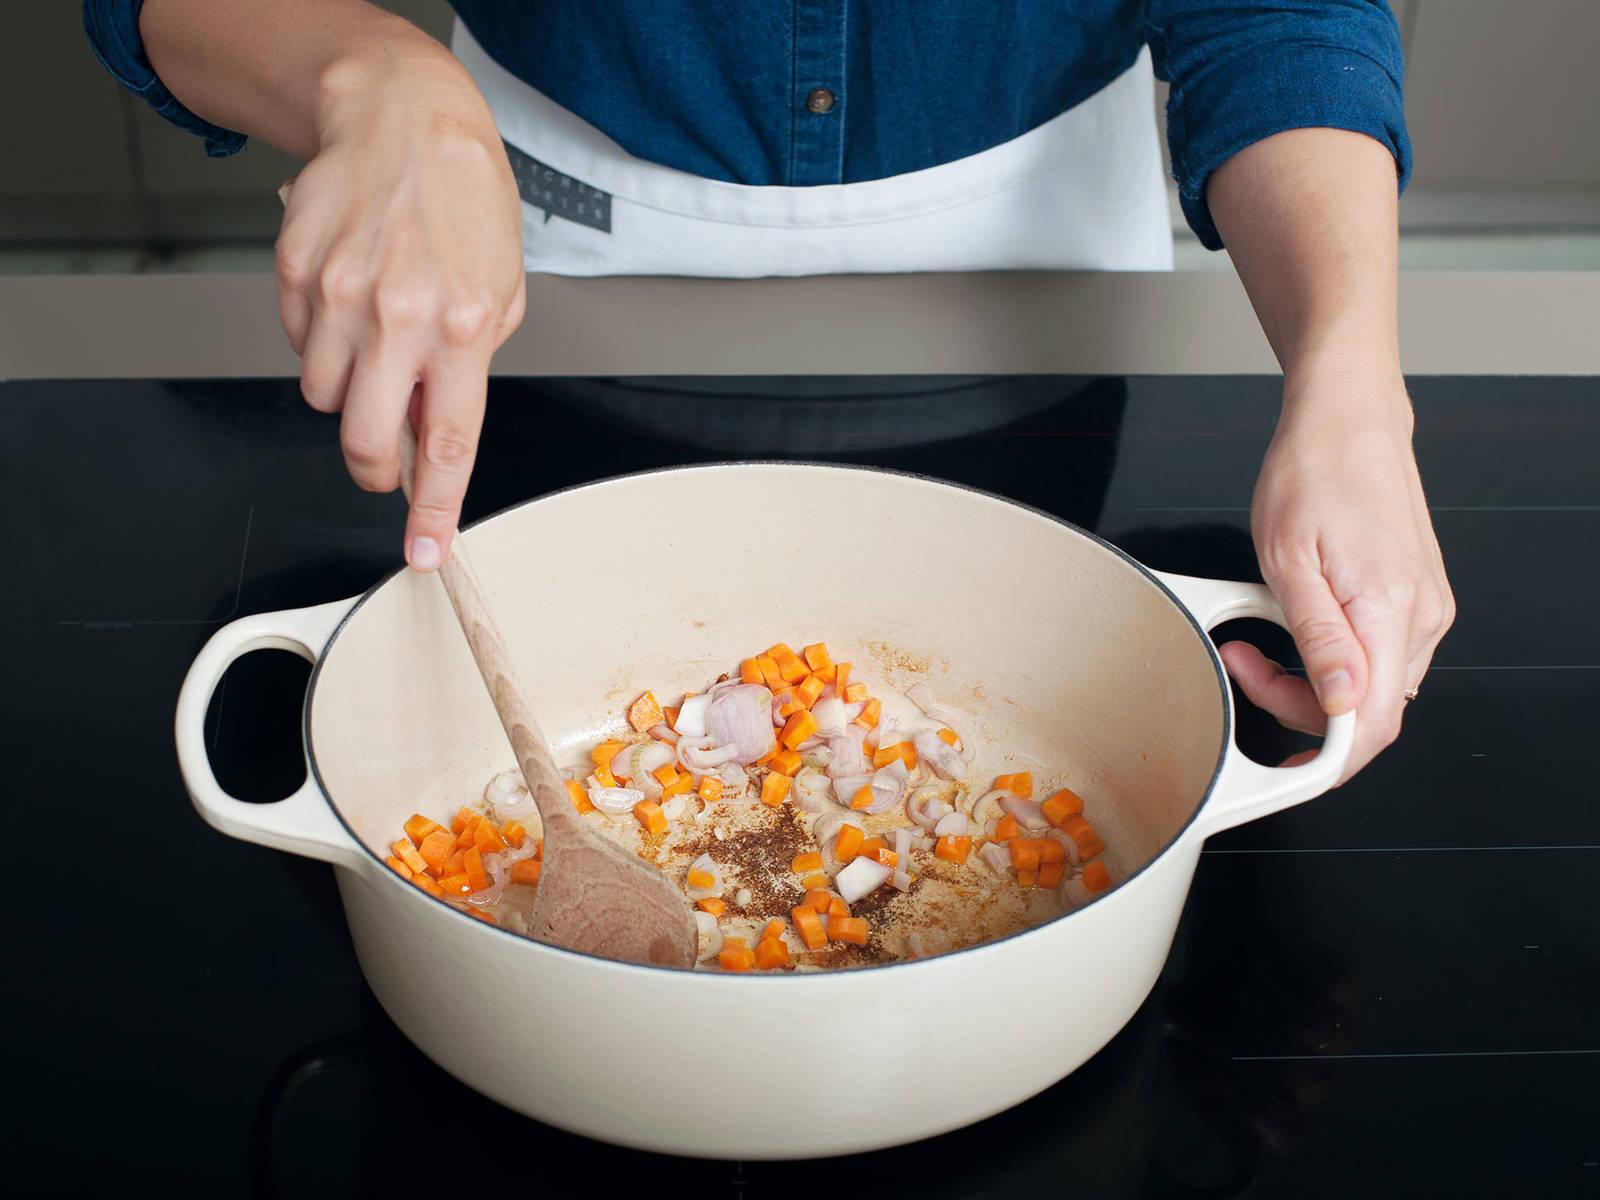 Ofen auf 150°C vorheizen. Vom ausgetretenen Fett fast alles entfernen und nur einen Rest zum Anbraten des Gemüse im Topf lassen. Anschließend Karotten, Knoblauch und Schalotten in den Topf geben. Bei mittlerer Hitze für 3 - 5 min. anschwitzen bis das Gemüse weich wird und anfängt zu duften.